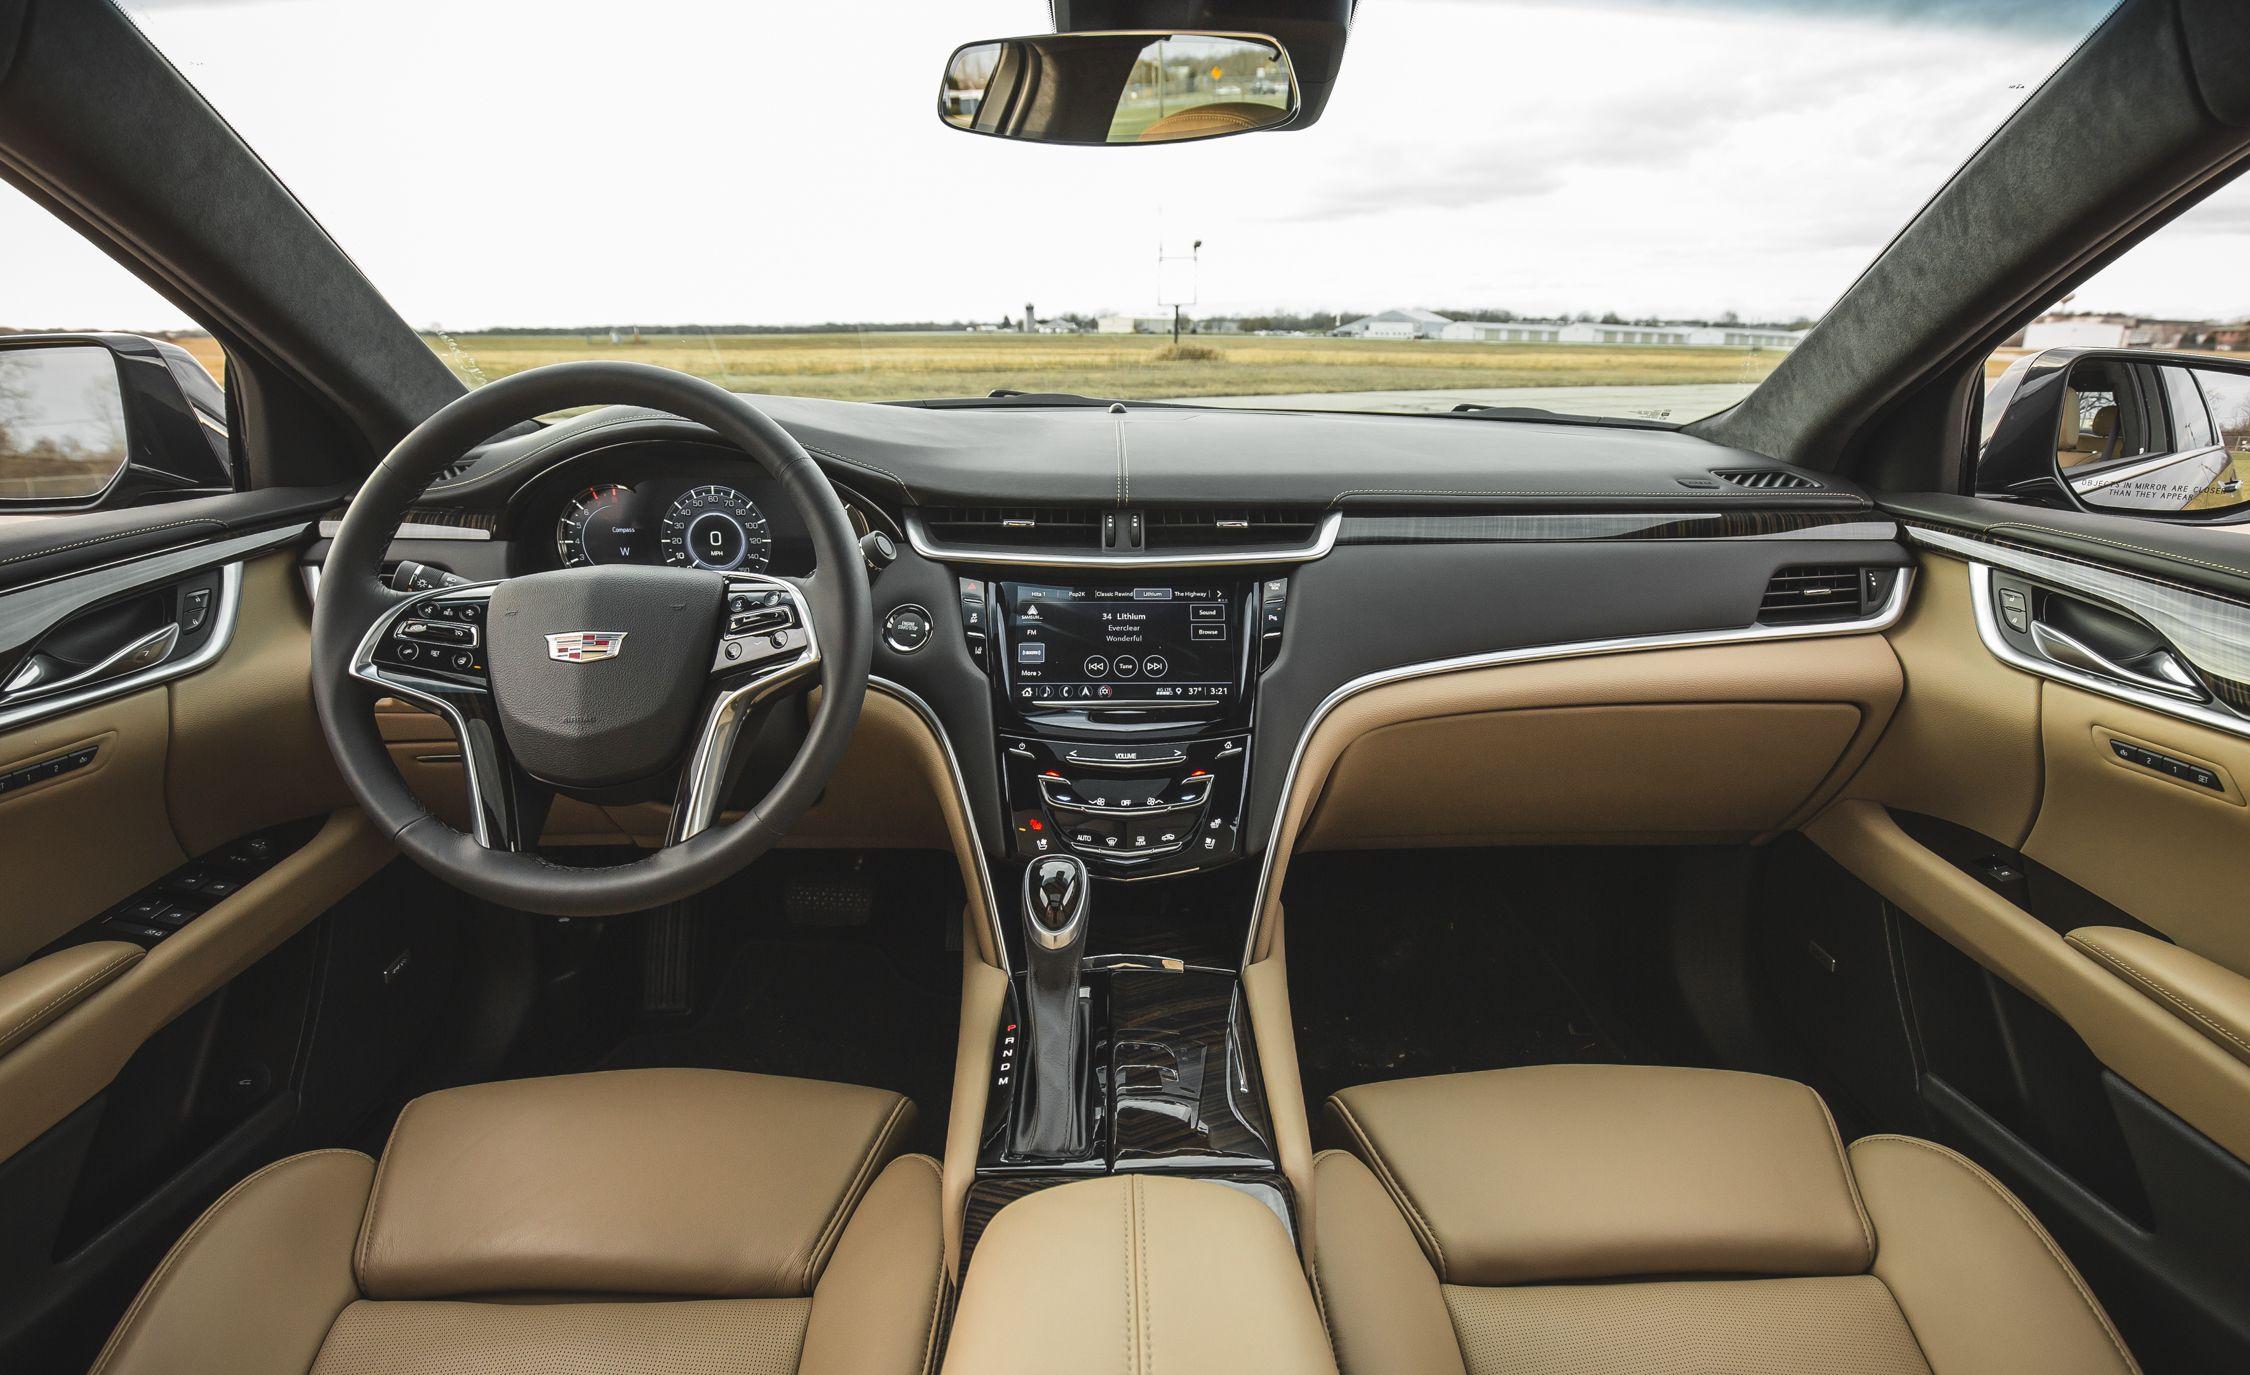 2019 Cadillac Xts Reviews Cadillac Xts Price Photos And Specs